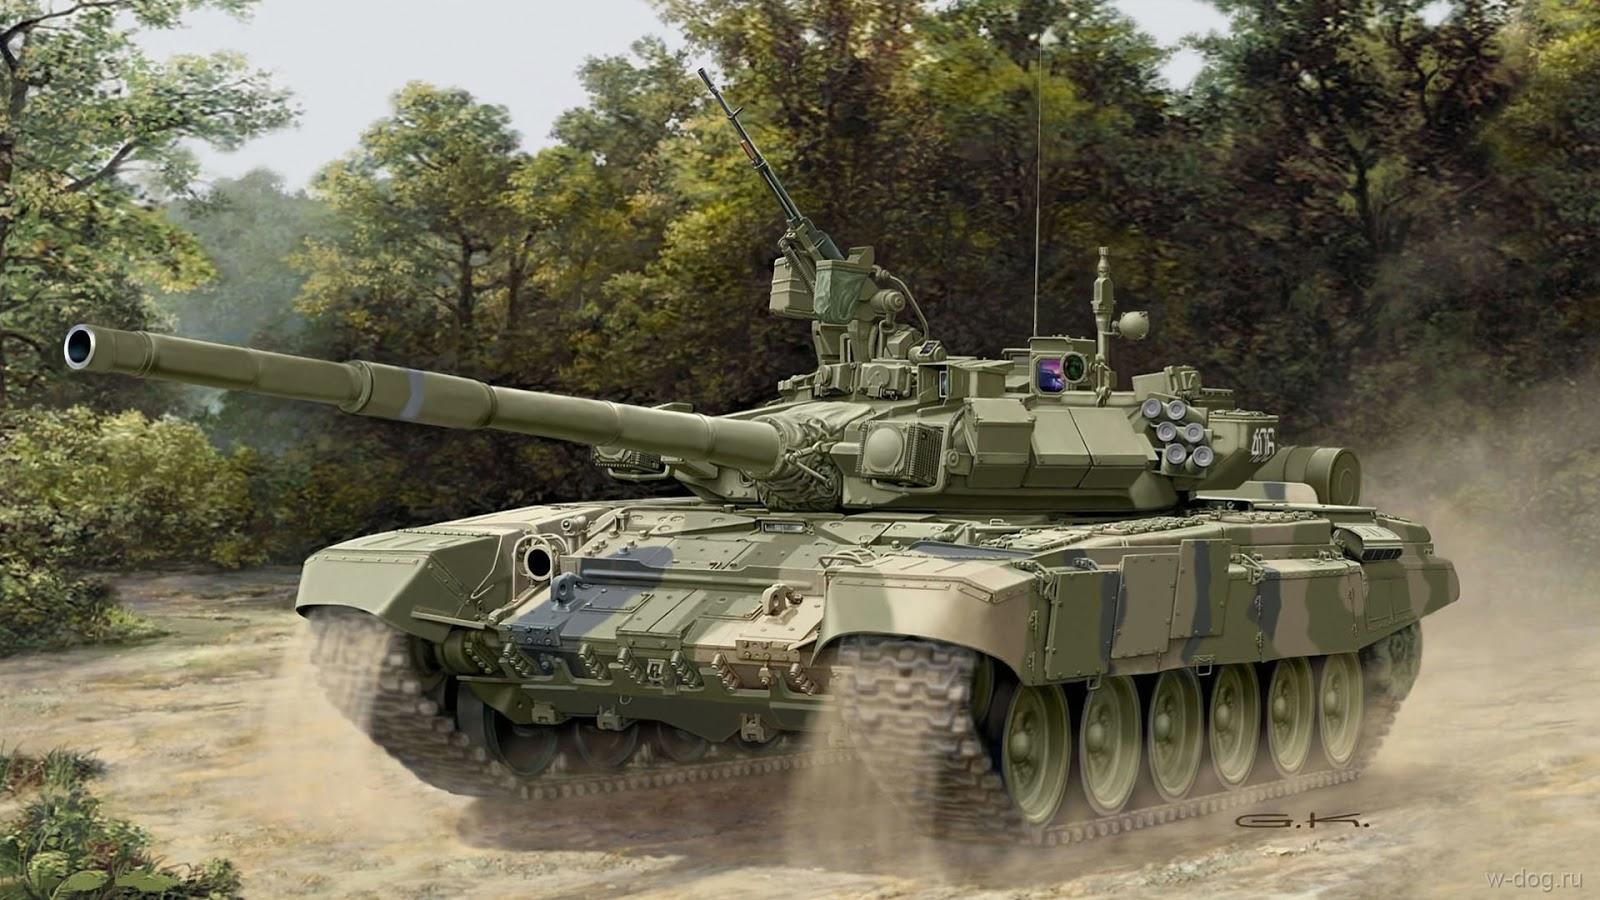 Т-90 Владимир - Основной Российский Танк, История Разработки и ... | 900x1600